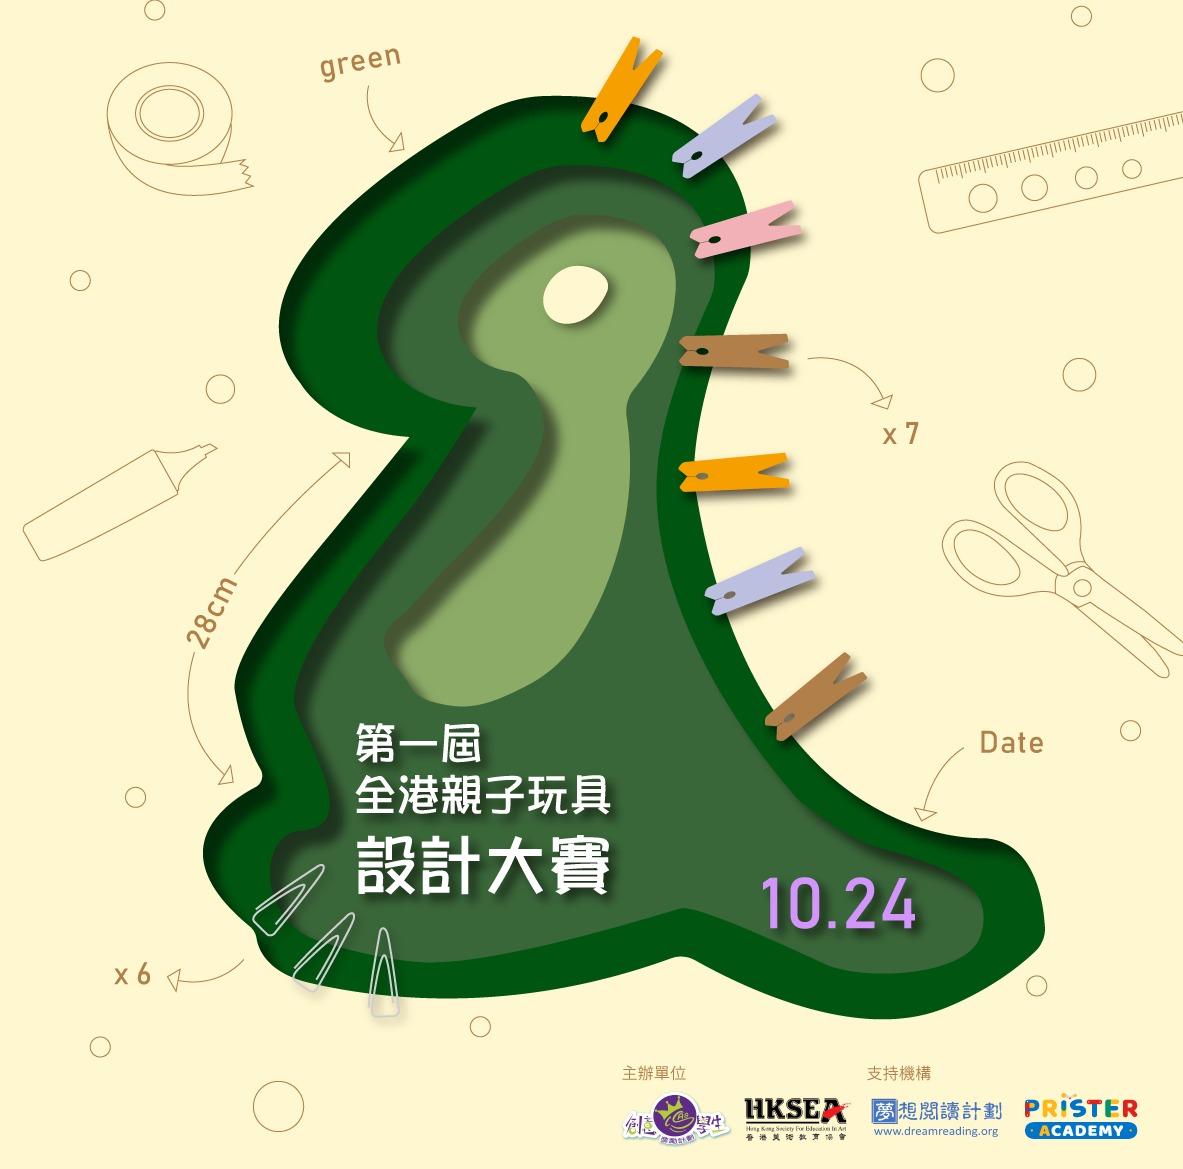 2020-2021年度夢想閱讀計劃 ──《孩子的科研夢》閱讀延伸活動: 第一屆全港親子玩具設計大賽